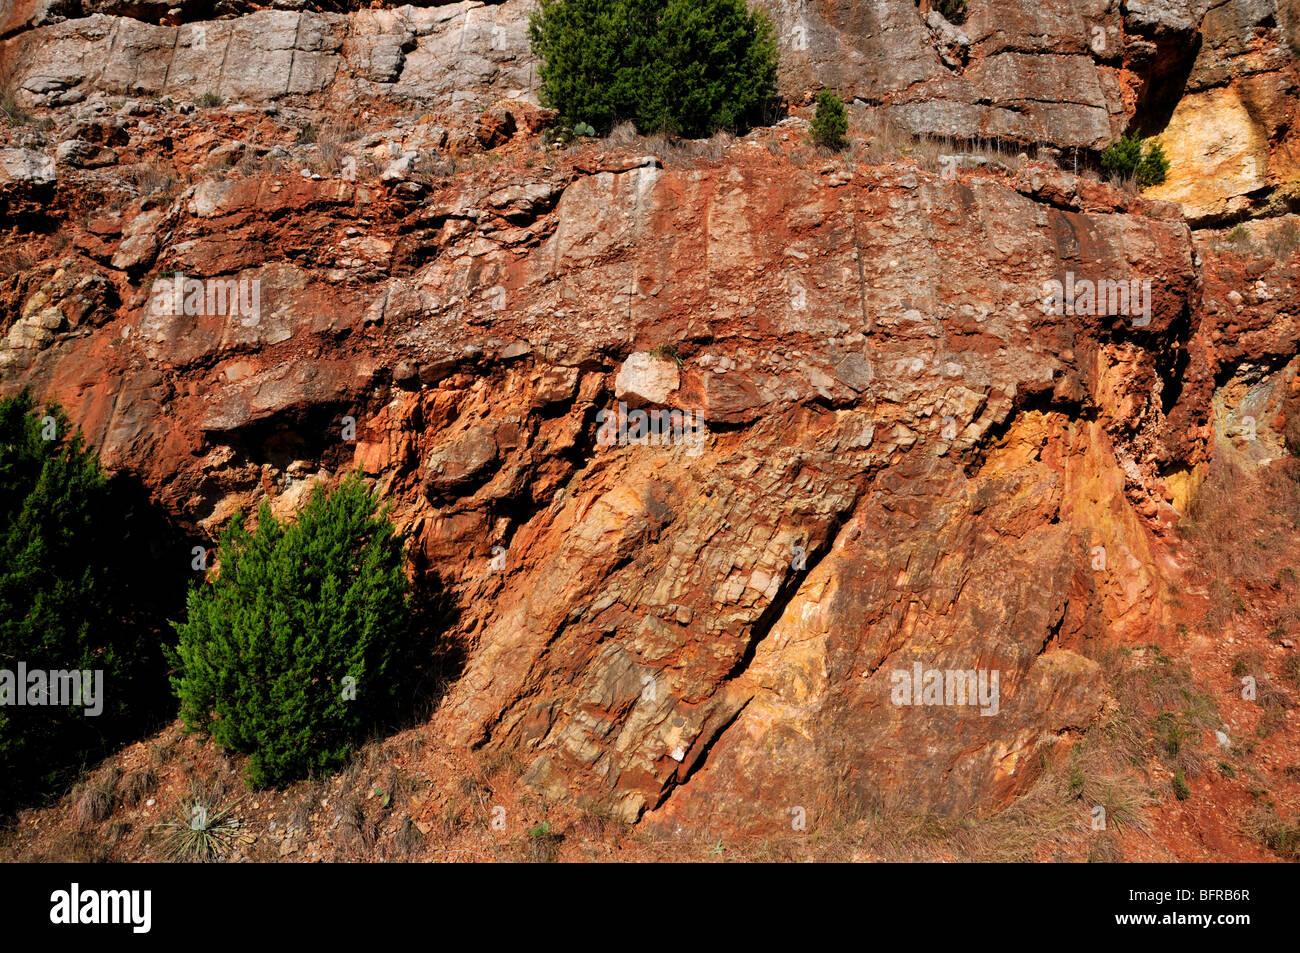 An angular unconformity. Oklahoma, USA. - Stock Image